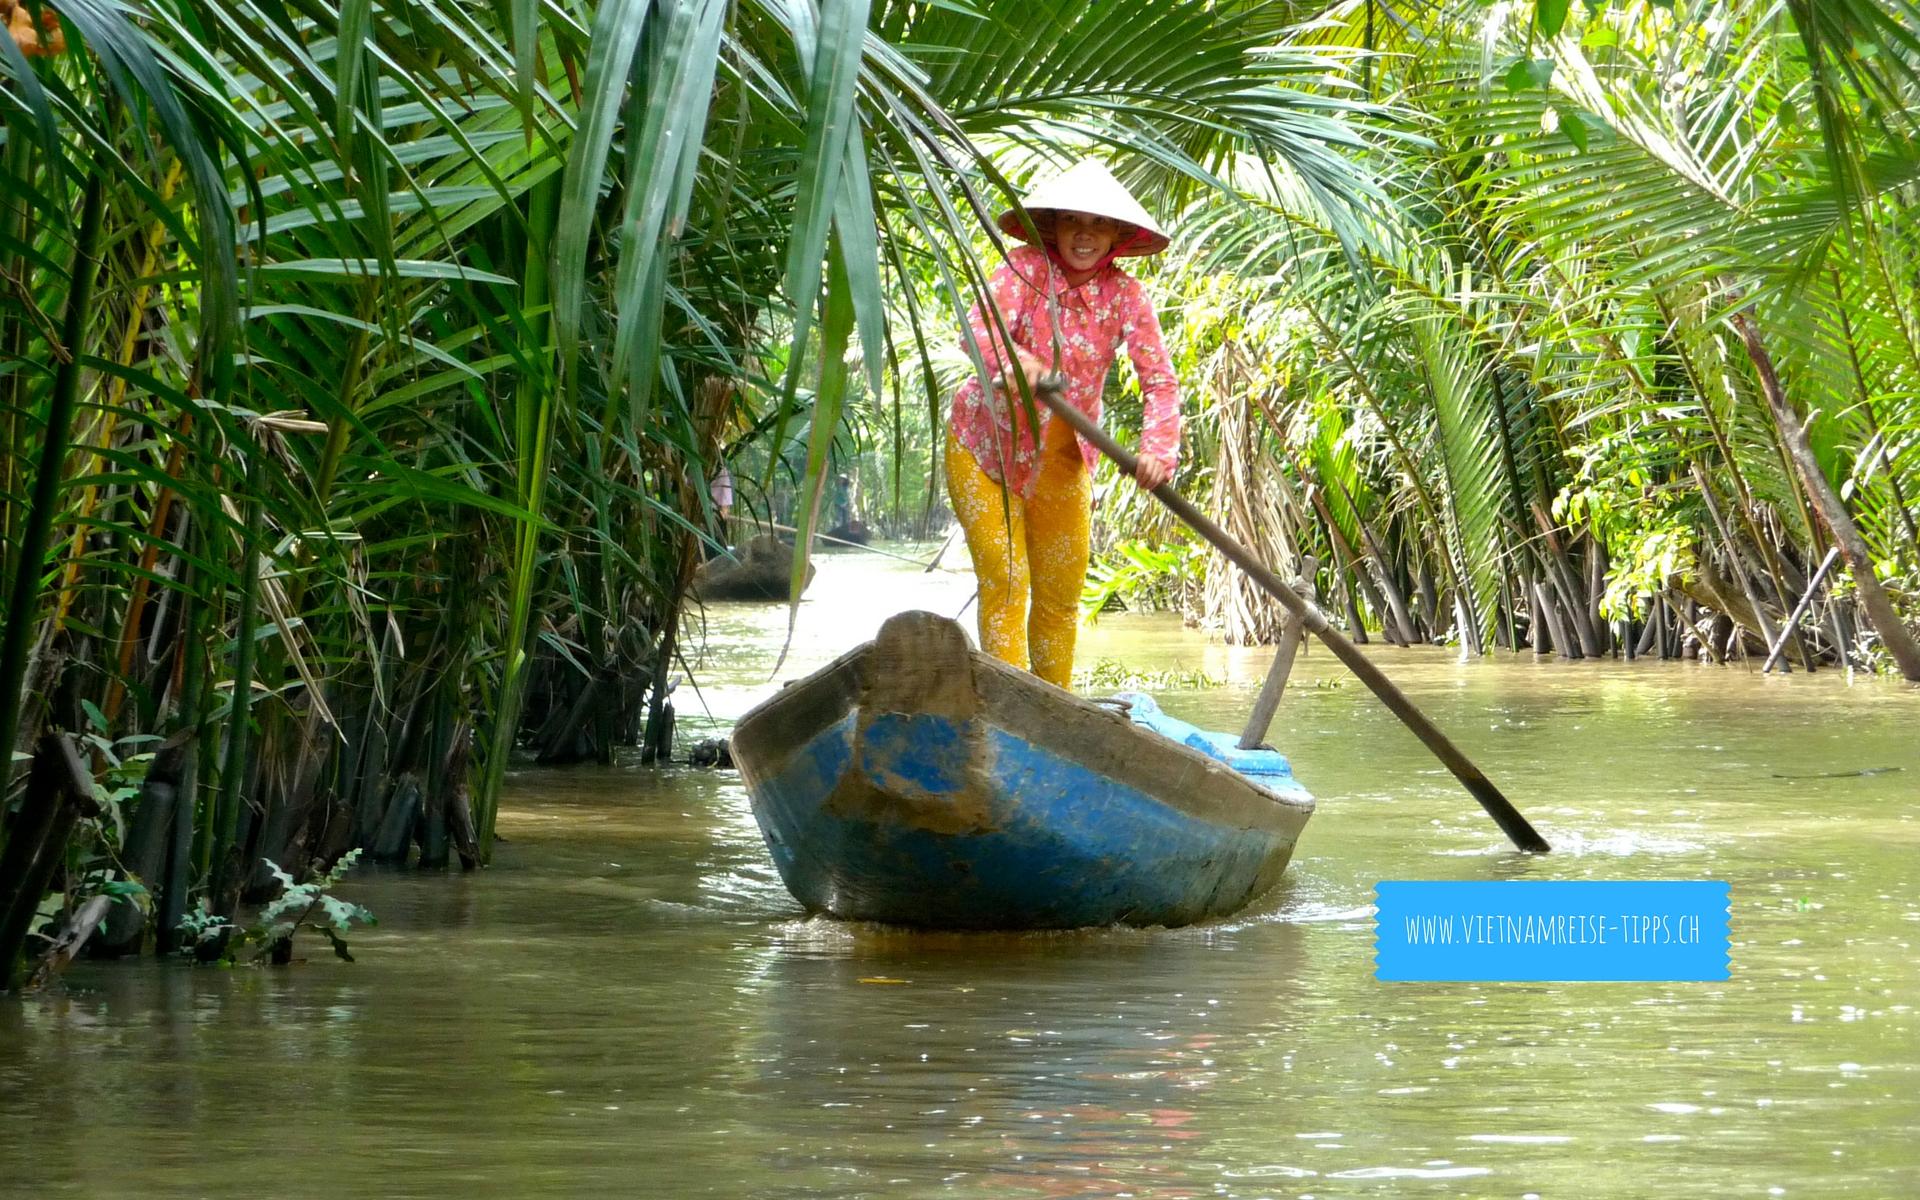 Vietnam Wallpaper Kostenlos Jetzt Downloaden Auf Vietnamreise Tipps